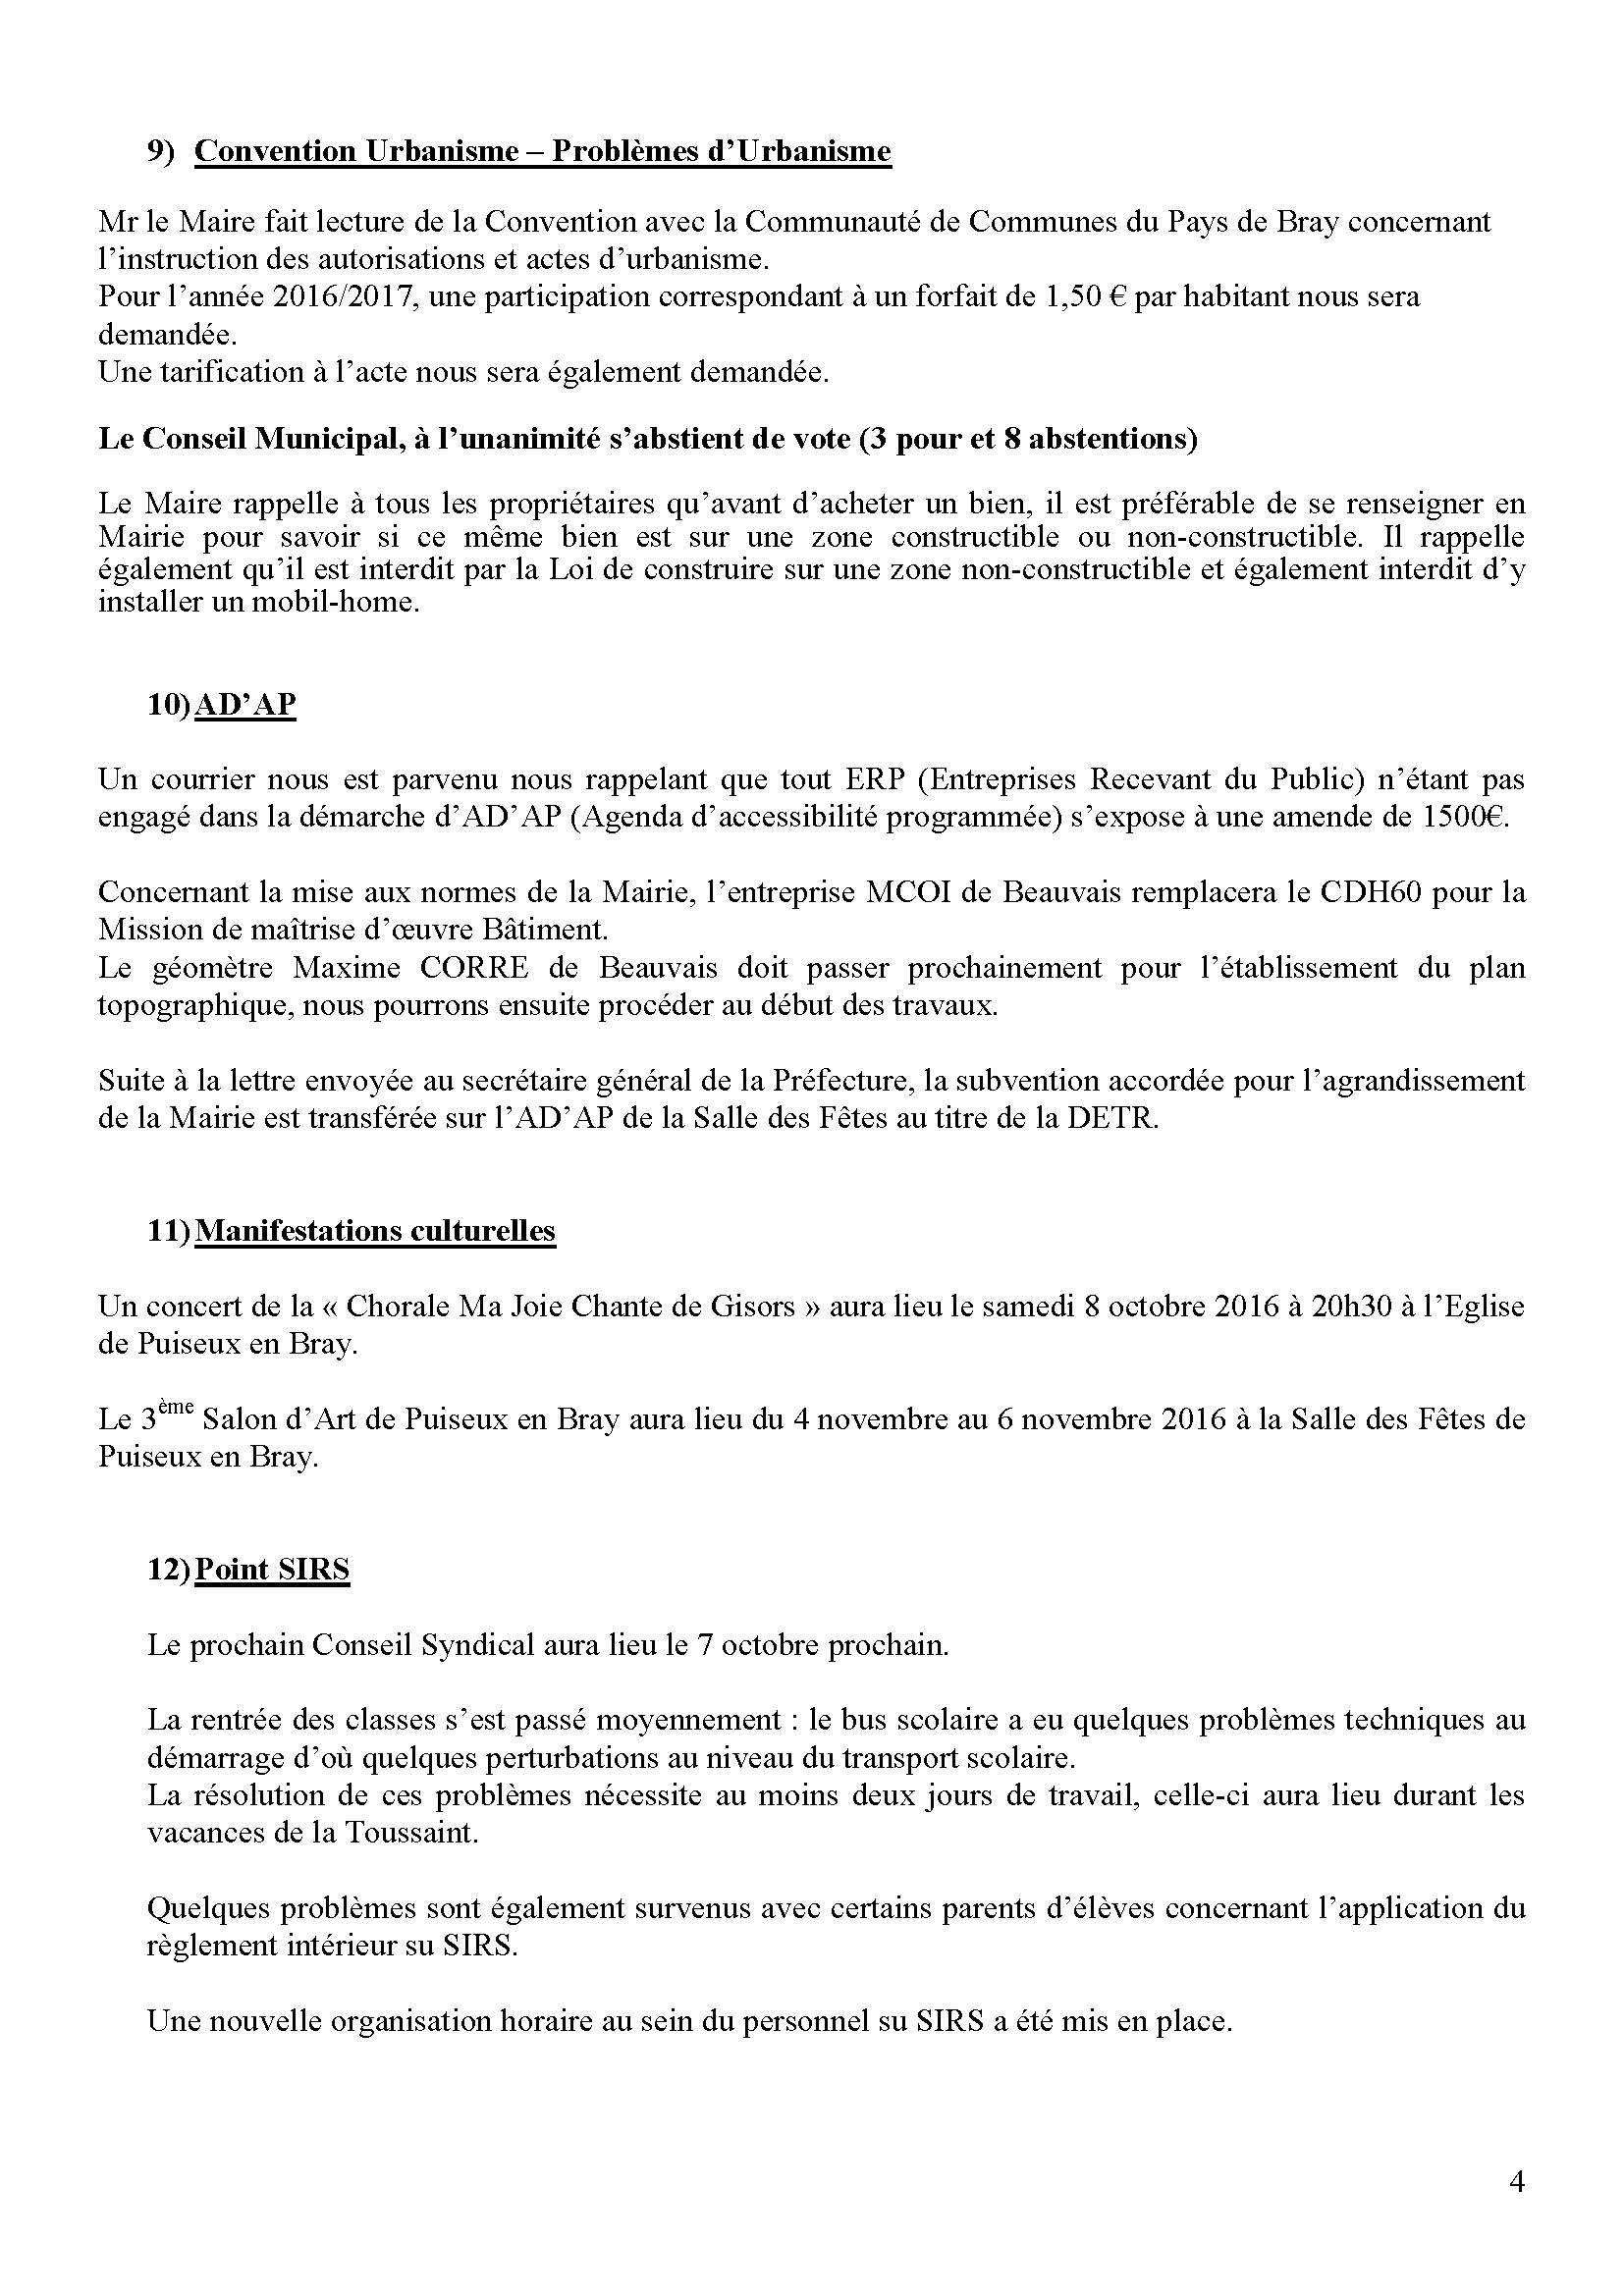 cr-du-16092016-page-4